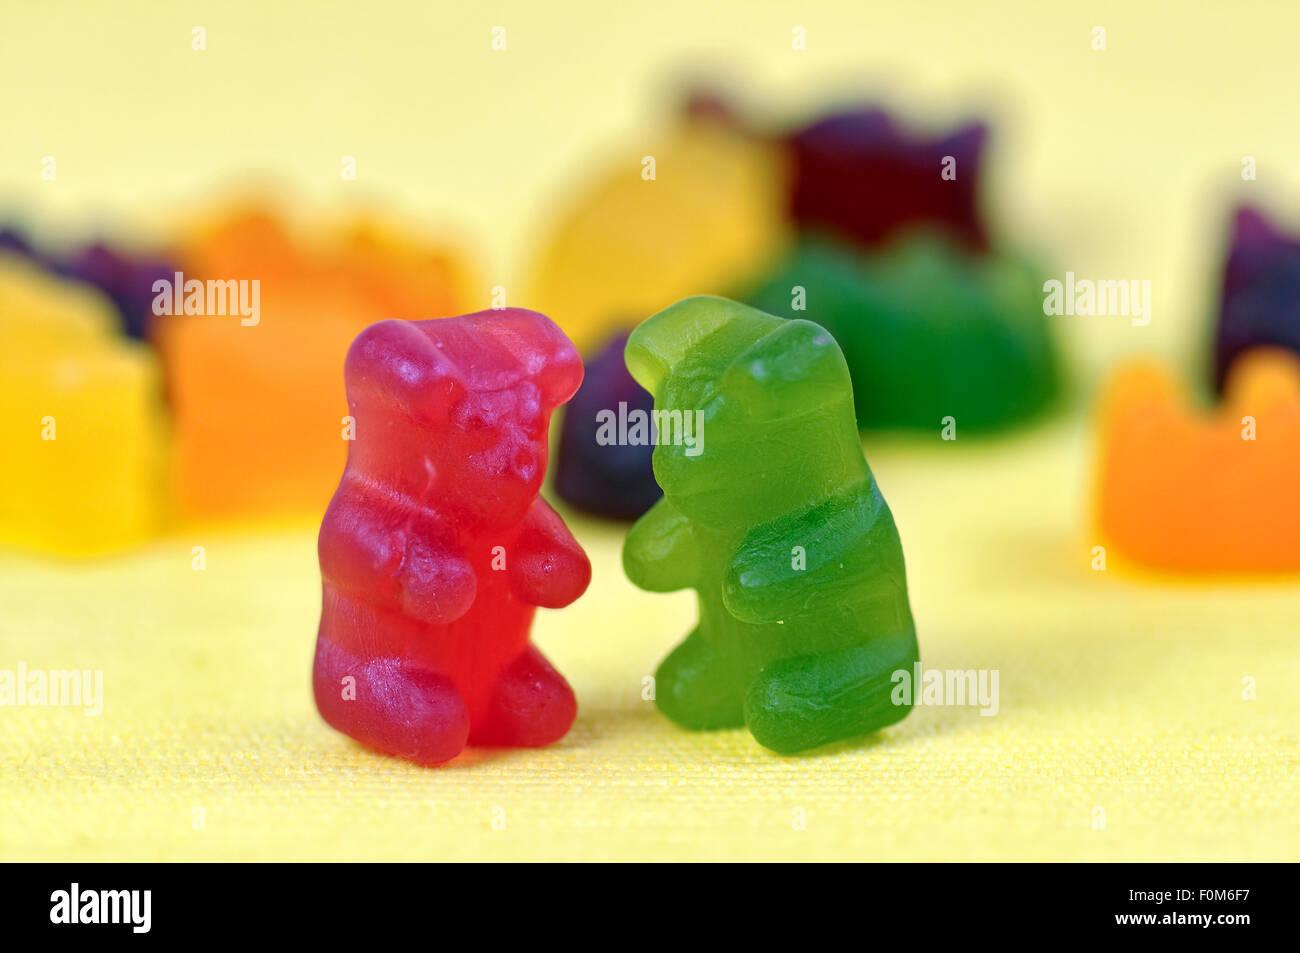 Jelly ours (également appelé gommeux ou ours gummi) sur fond jaune Banque D'Images